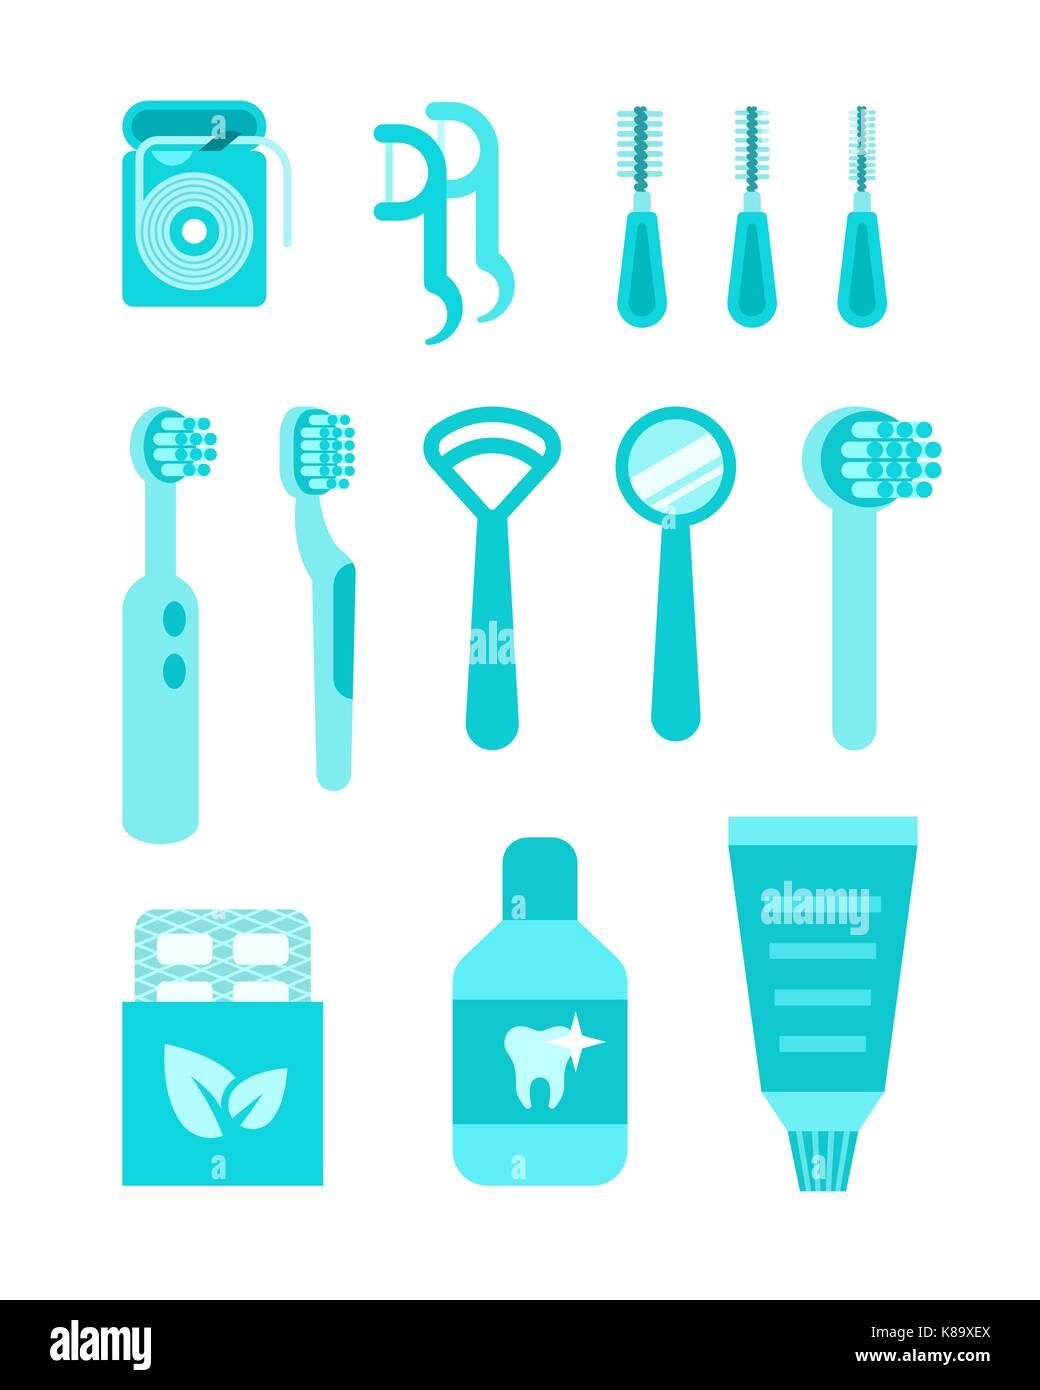 f7dbfff480077 Iconos vectoriales herramientas individuales. plano de simples  ilustraciones. Lavar la boca home equipos tales como cepillos de dientes